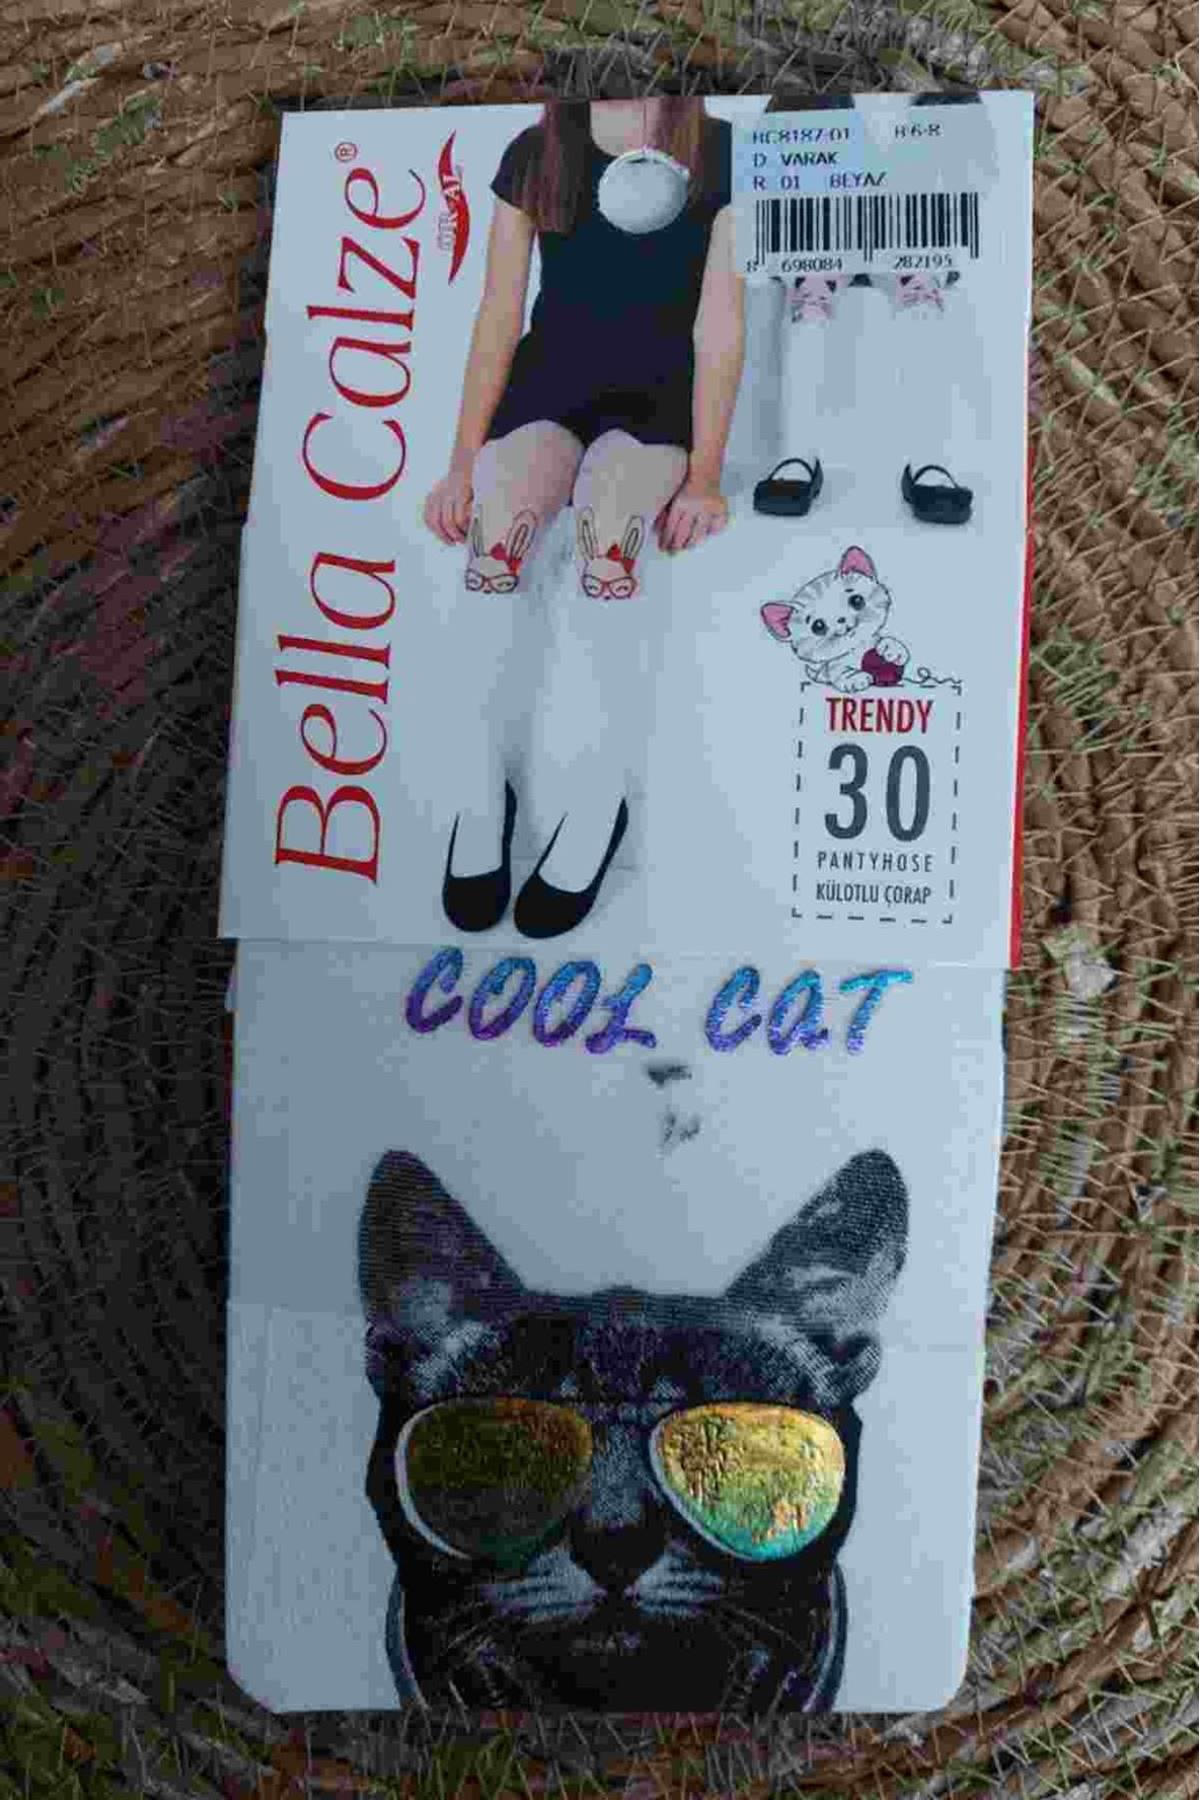 COOL CAT SİYAH KEDİLİ GOLT GÖZLÜKLÜ BEYAZ ÇORAP